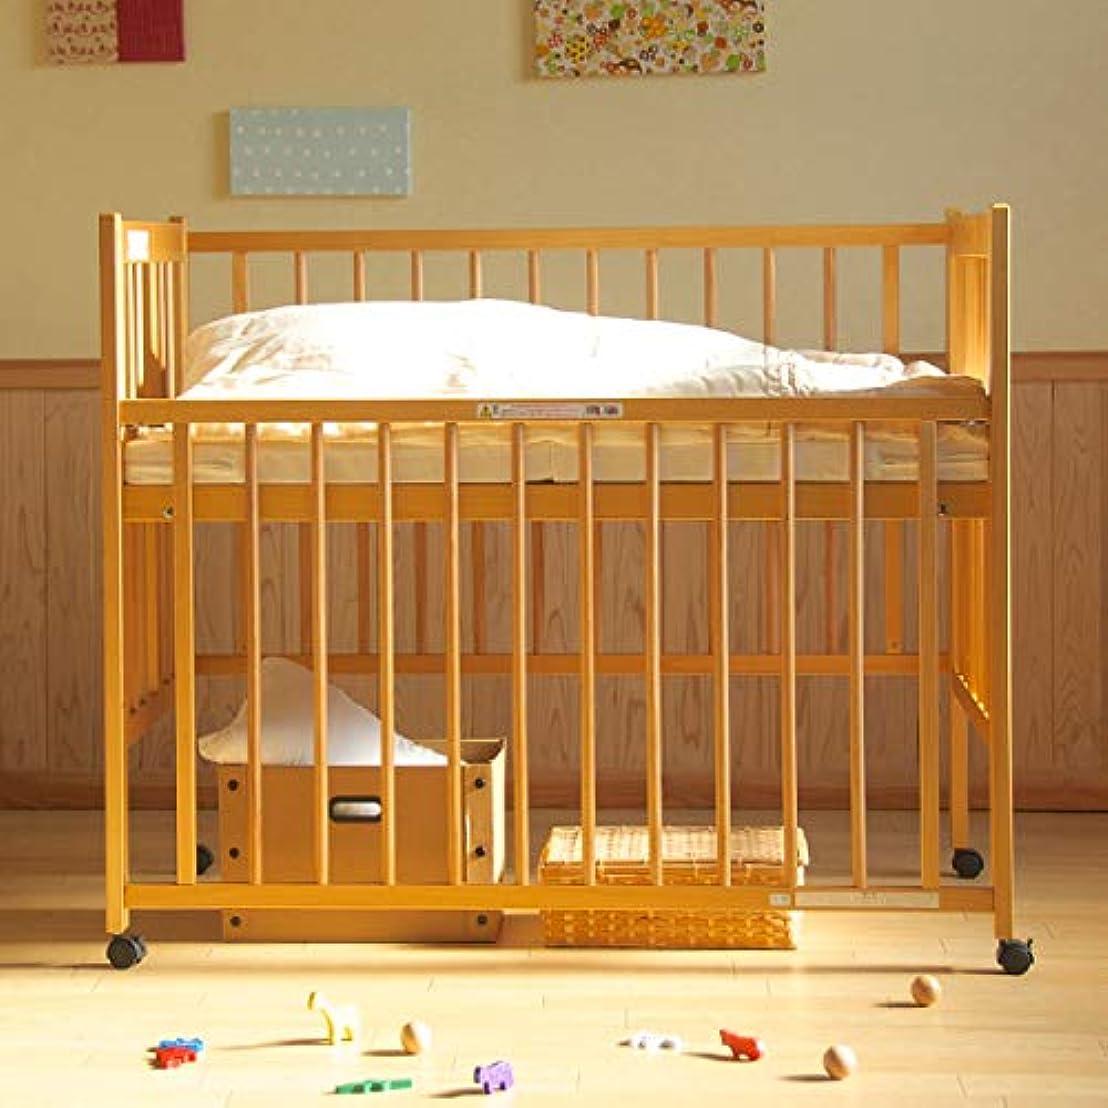 ネコ失効咽頭ワンタッチハイベッド「クール」 (ナチュラル) 日本製 ベビーベッド ベッドフレームのみ